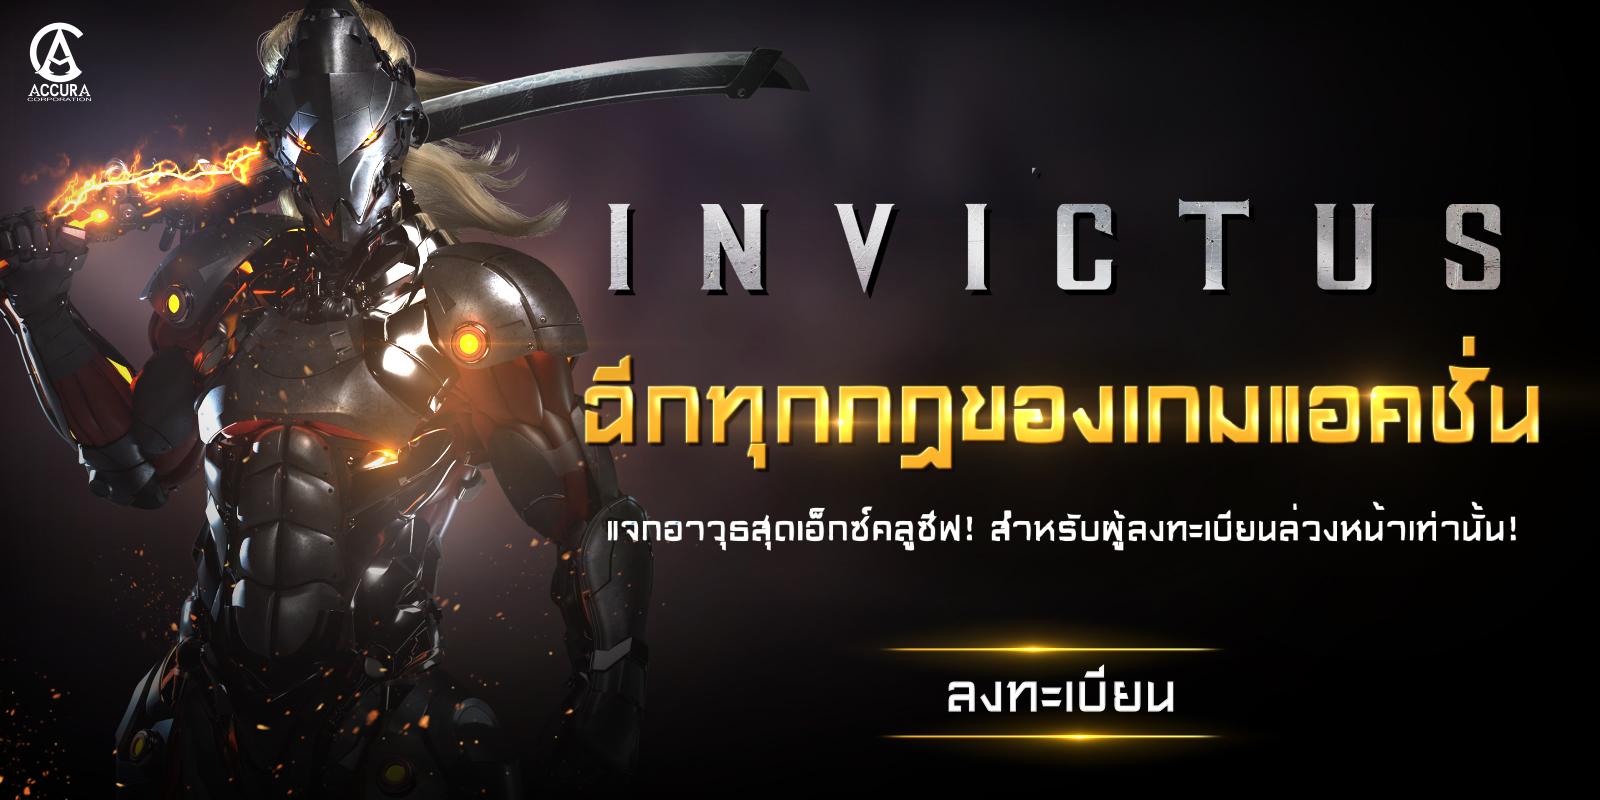 INVICTUS 232019 1